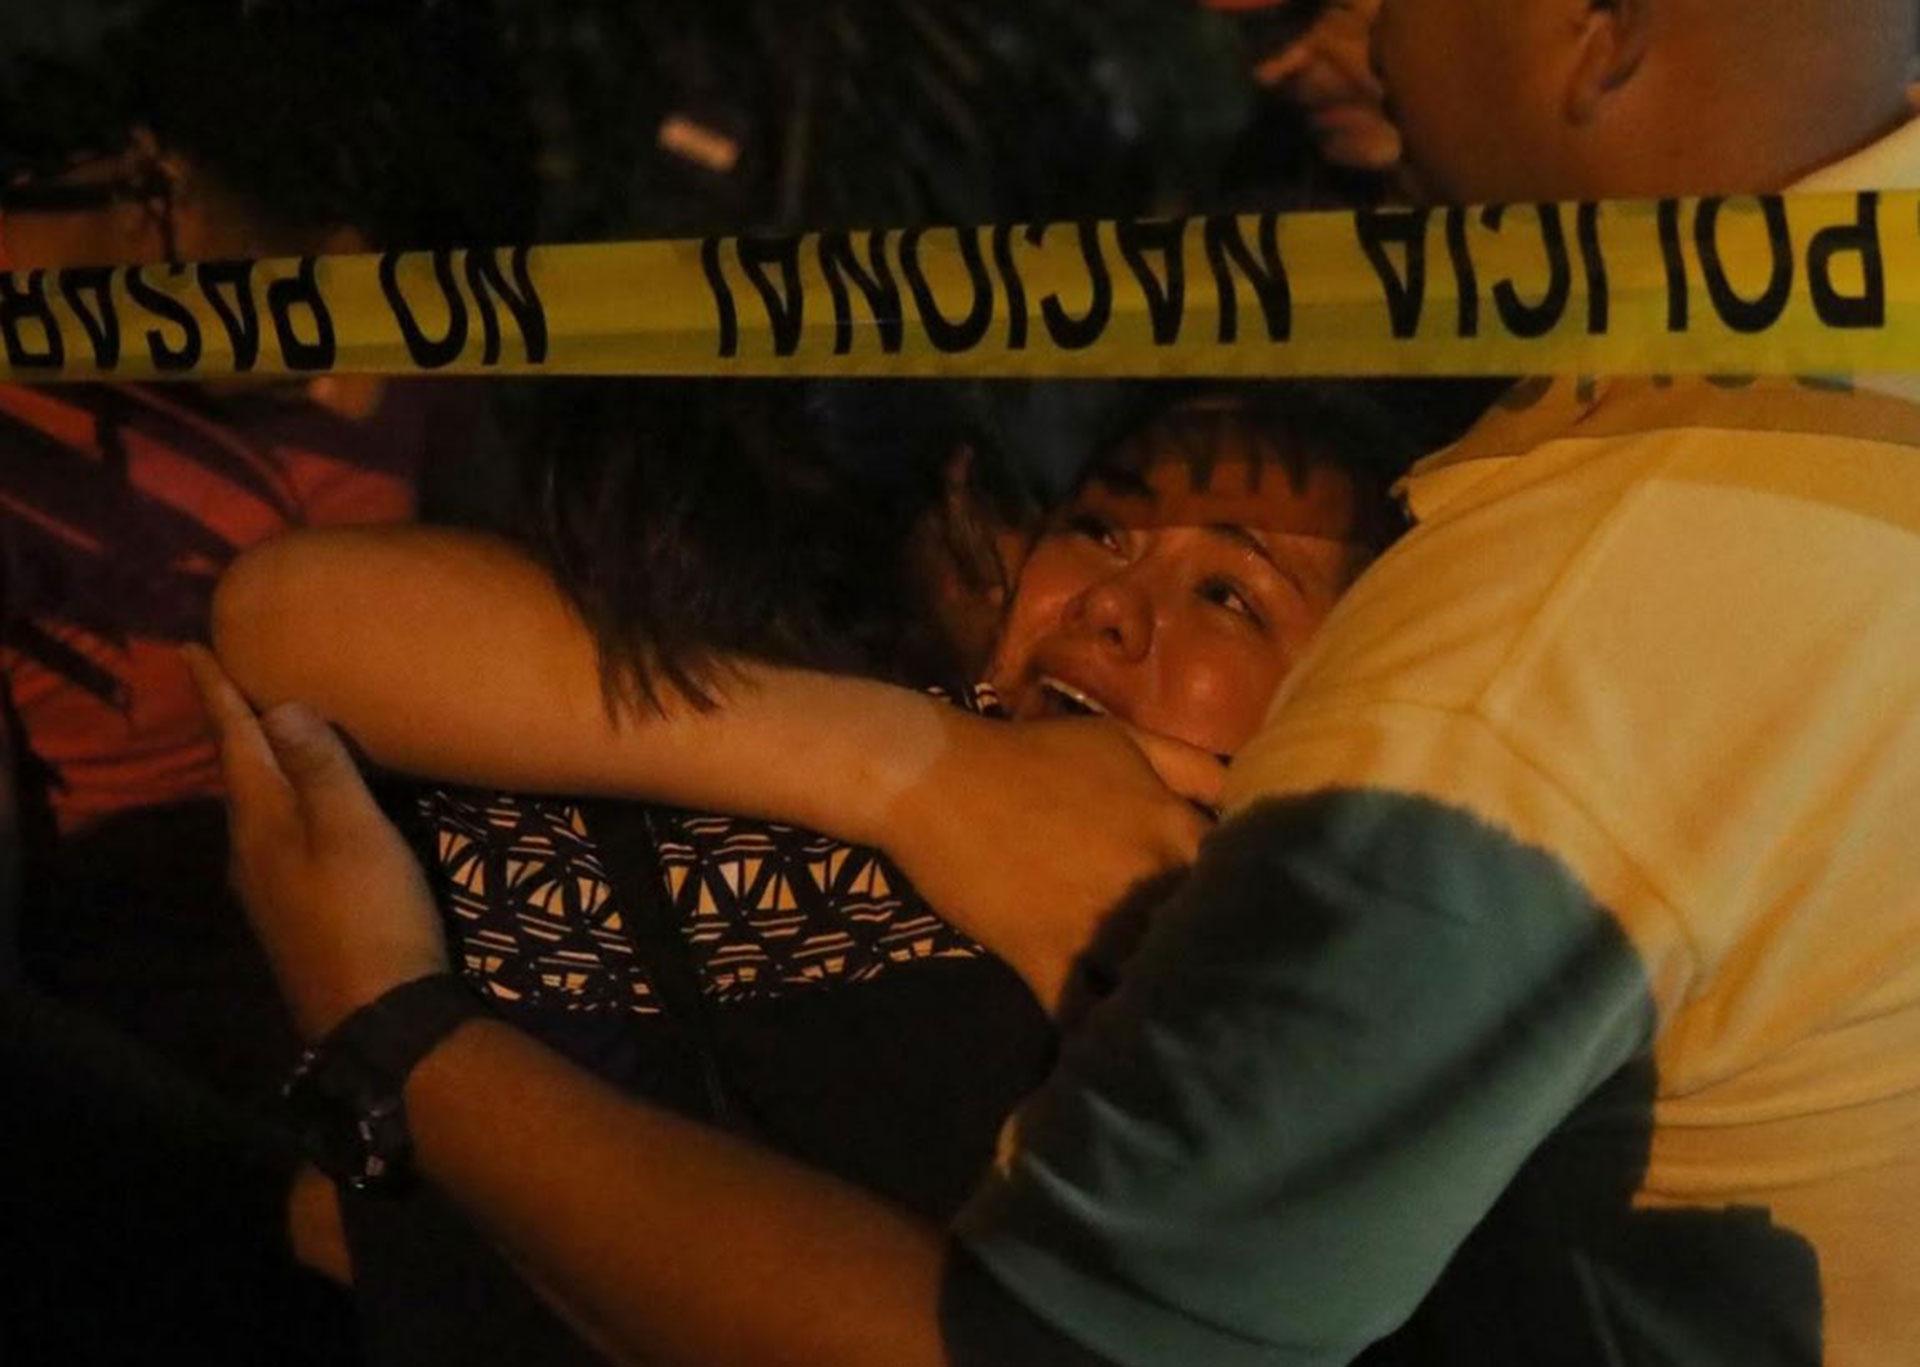 Una mujer llora en la escena del crimen después de que dos hombres fueron asesinados por la violencia entre pandillas